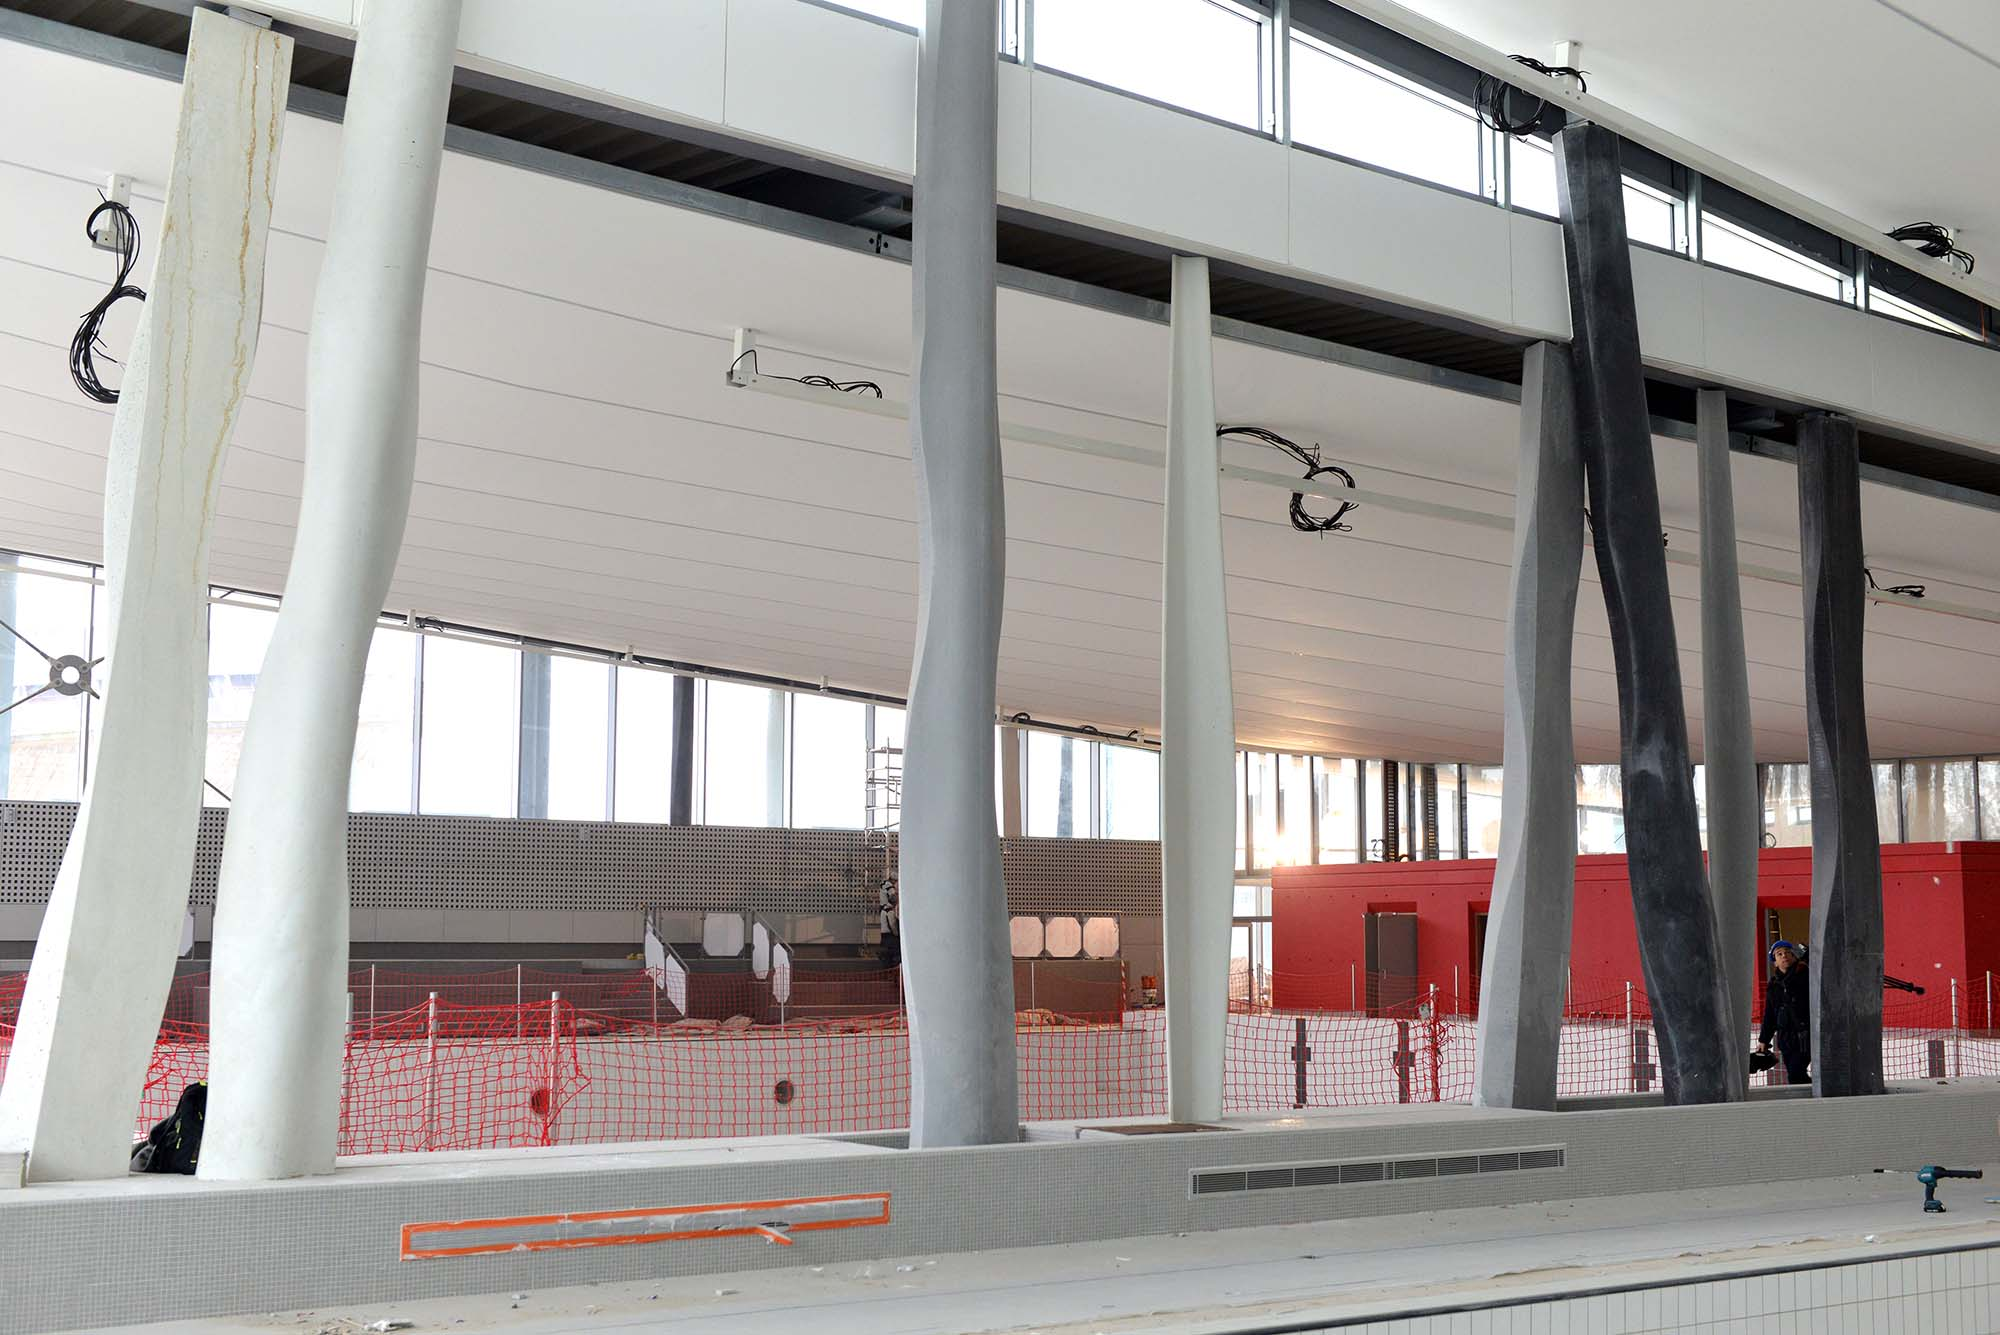 Lors de la phase de conception du projet, le bâtiment fut l'un des premiers en France à être intégralement modélisé à l'aide d'une maquette numérique